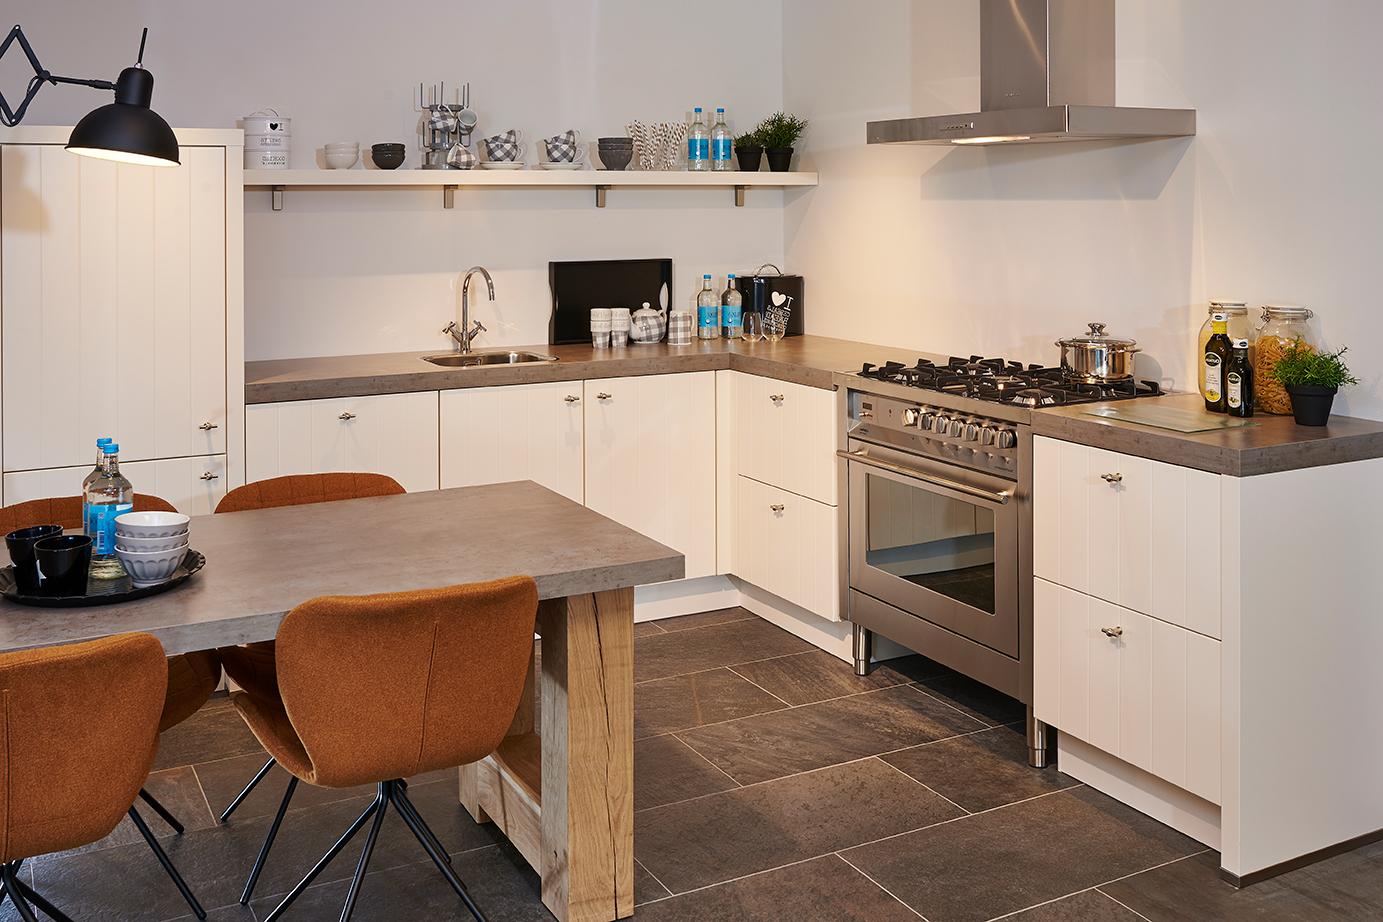 Landelijk Hoek Keuken : Hoekkeukens in elke stijl en prijsklasse bekijk tientallen